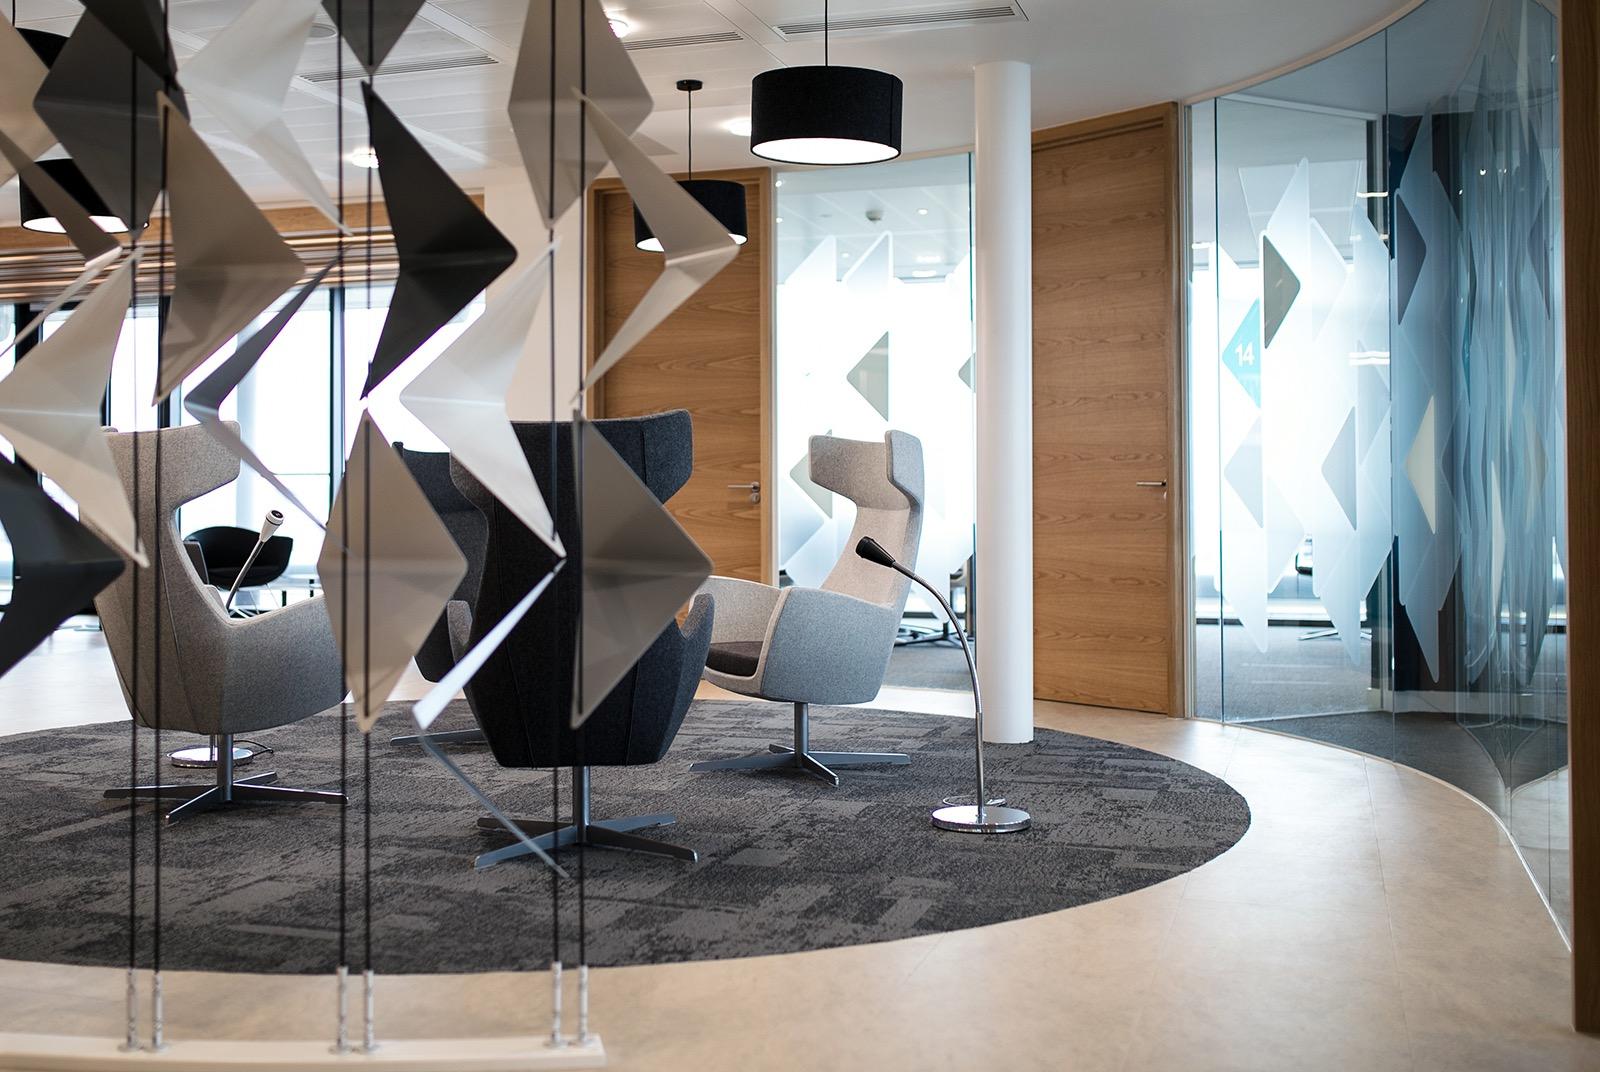 tlt-bristol-office-5